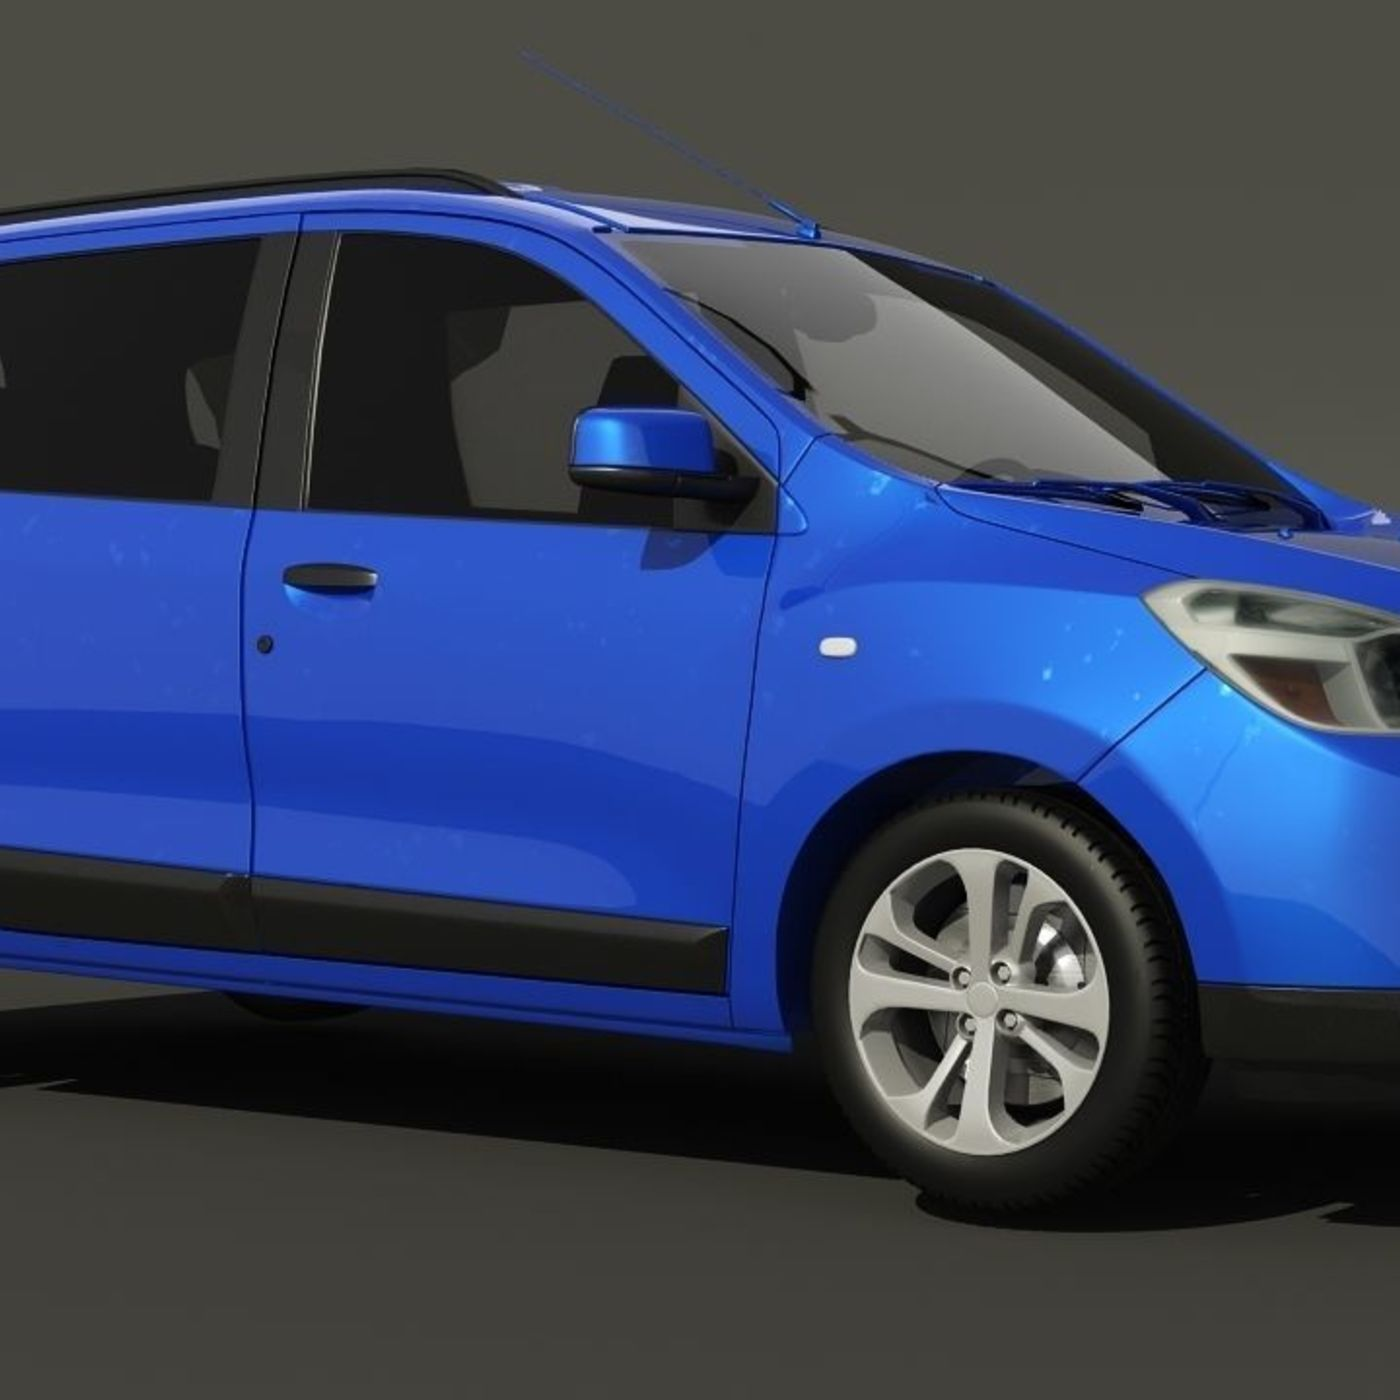 Dacia Lodgy 3d models.